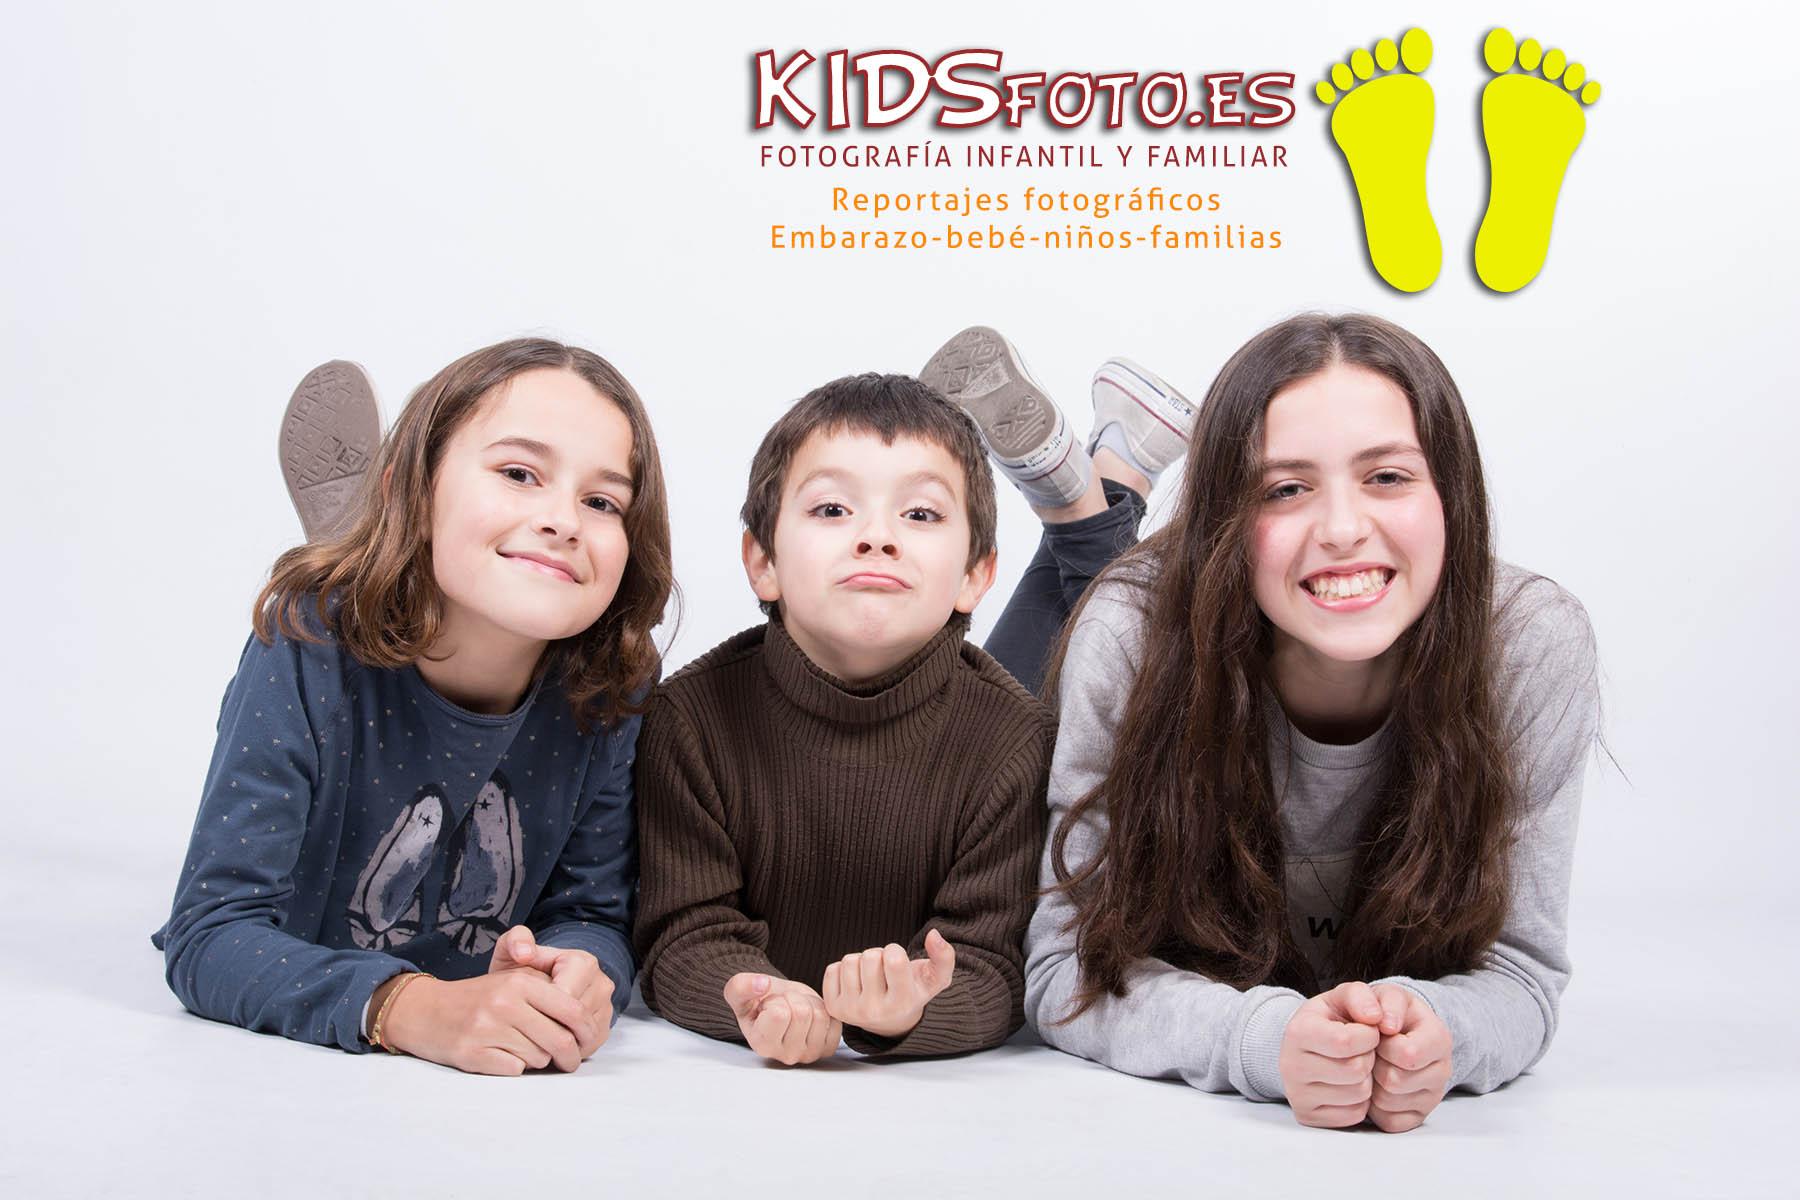 kidsfoto.es Fotografía infantil